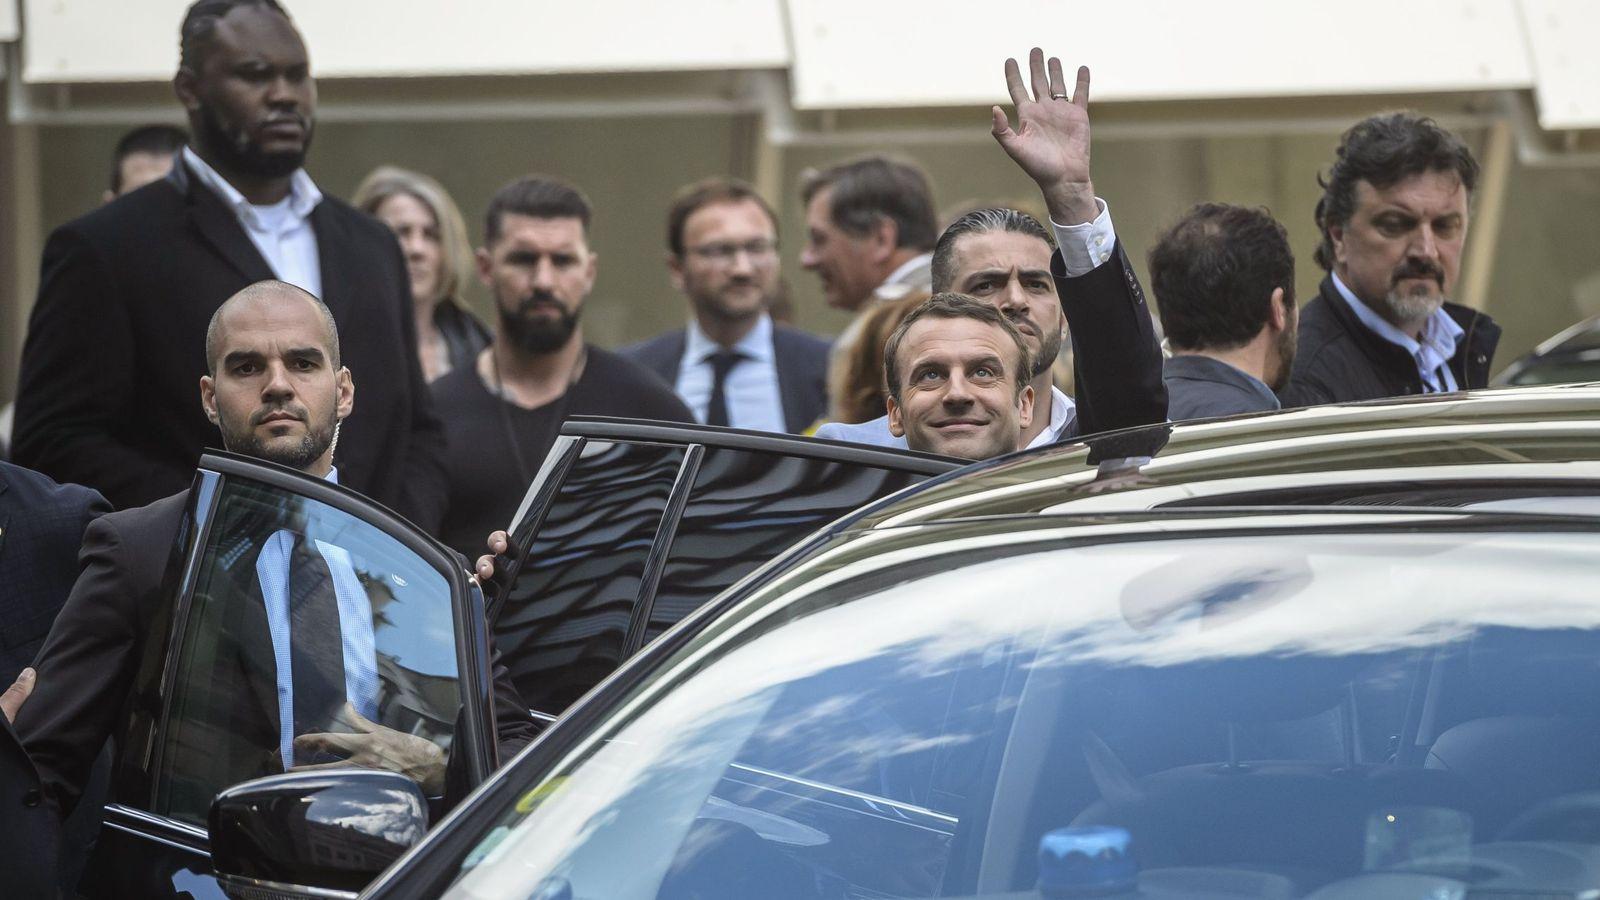 Foto: Emmanuel Macron llega a un encuentro informativo del partido En Marcha en París, el 13 de mayo de 2017. (EFE)